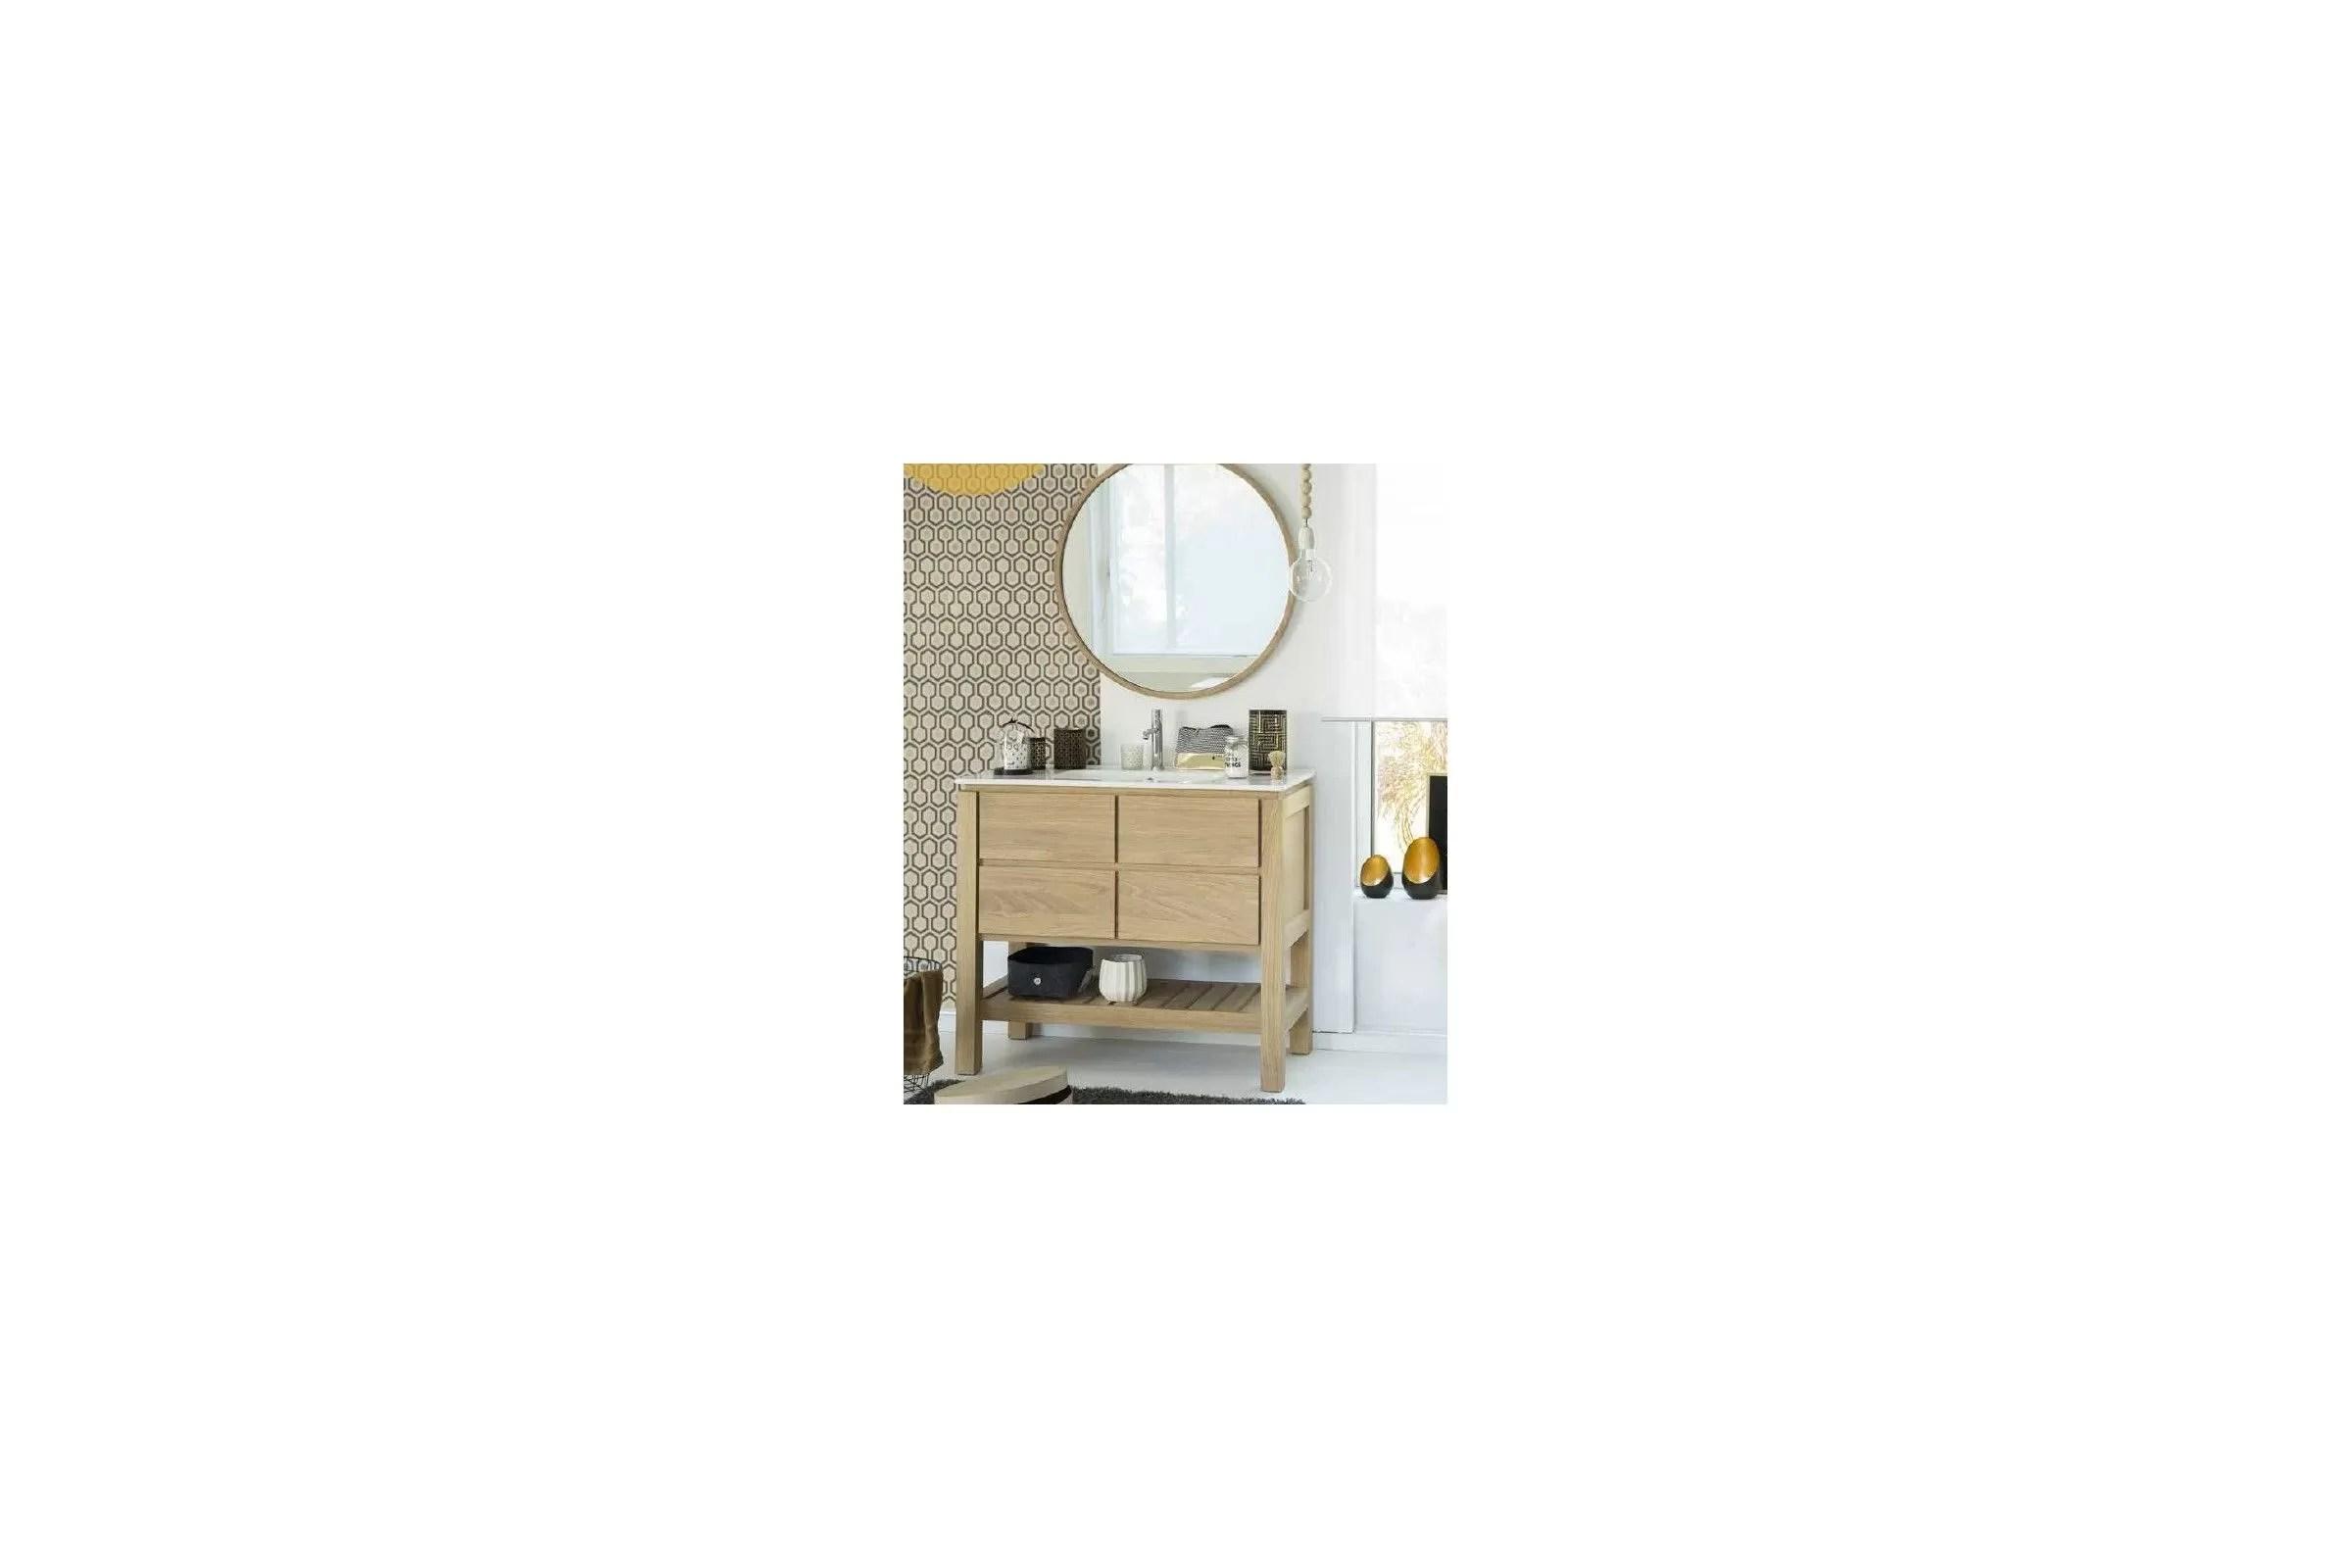 meuble en chene 80 100 cm avec un plan vasque 2 tiroirs et 1 etagere easy